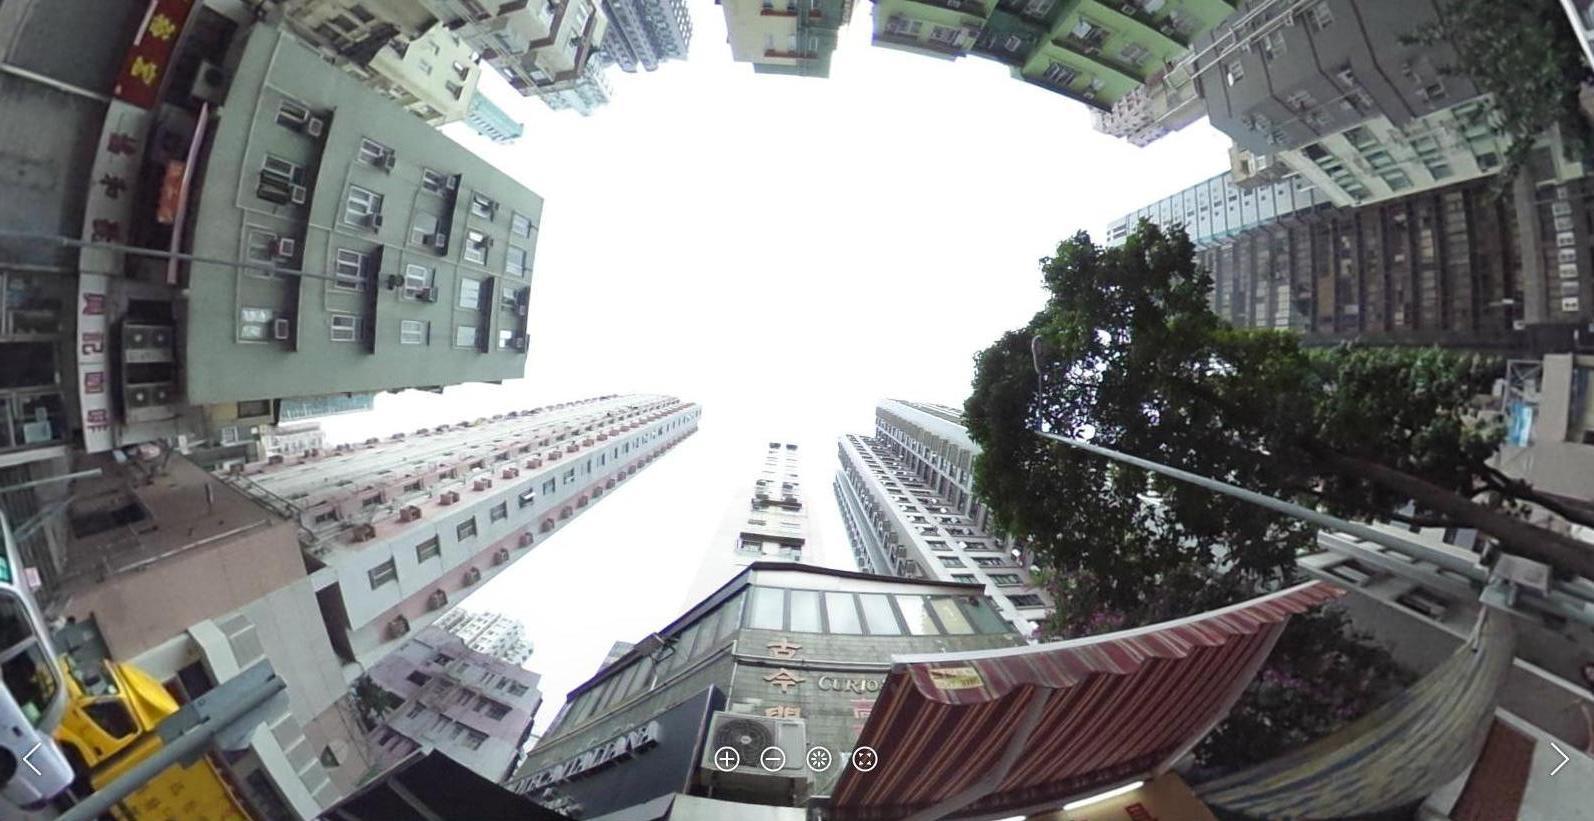 HK_Sheung_Wan_Lok_Ku_Road_sky_RH360_2015-11-21-Sat